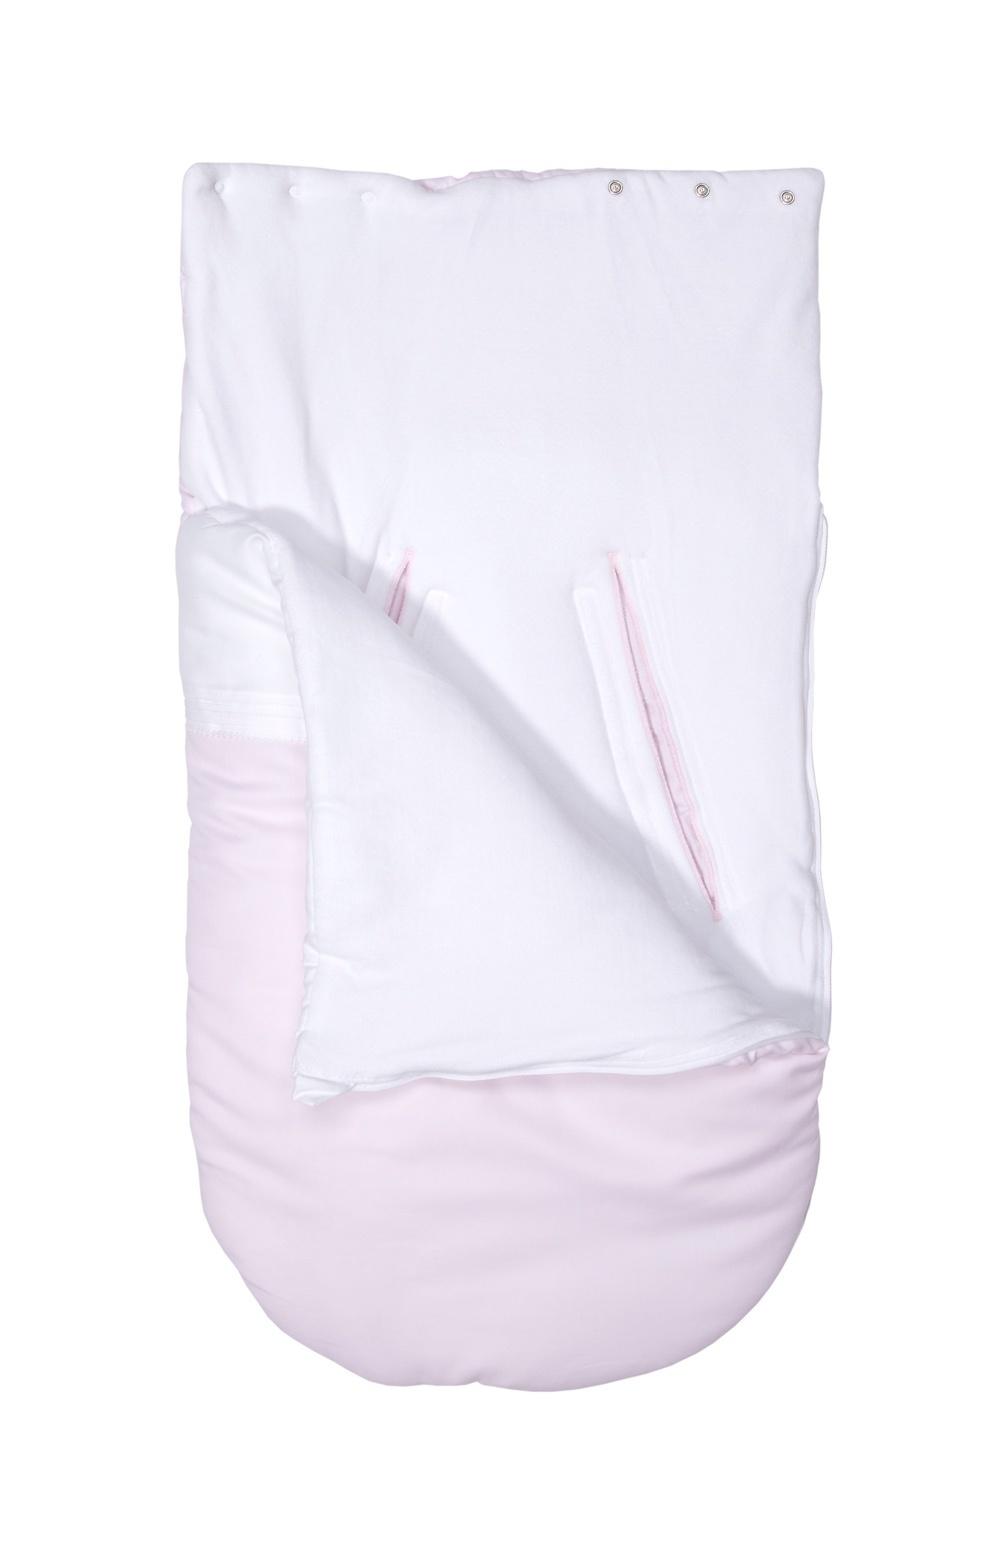 Baby footmuff 5 point belt Oxford Soft Pink-4